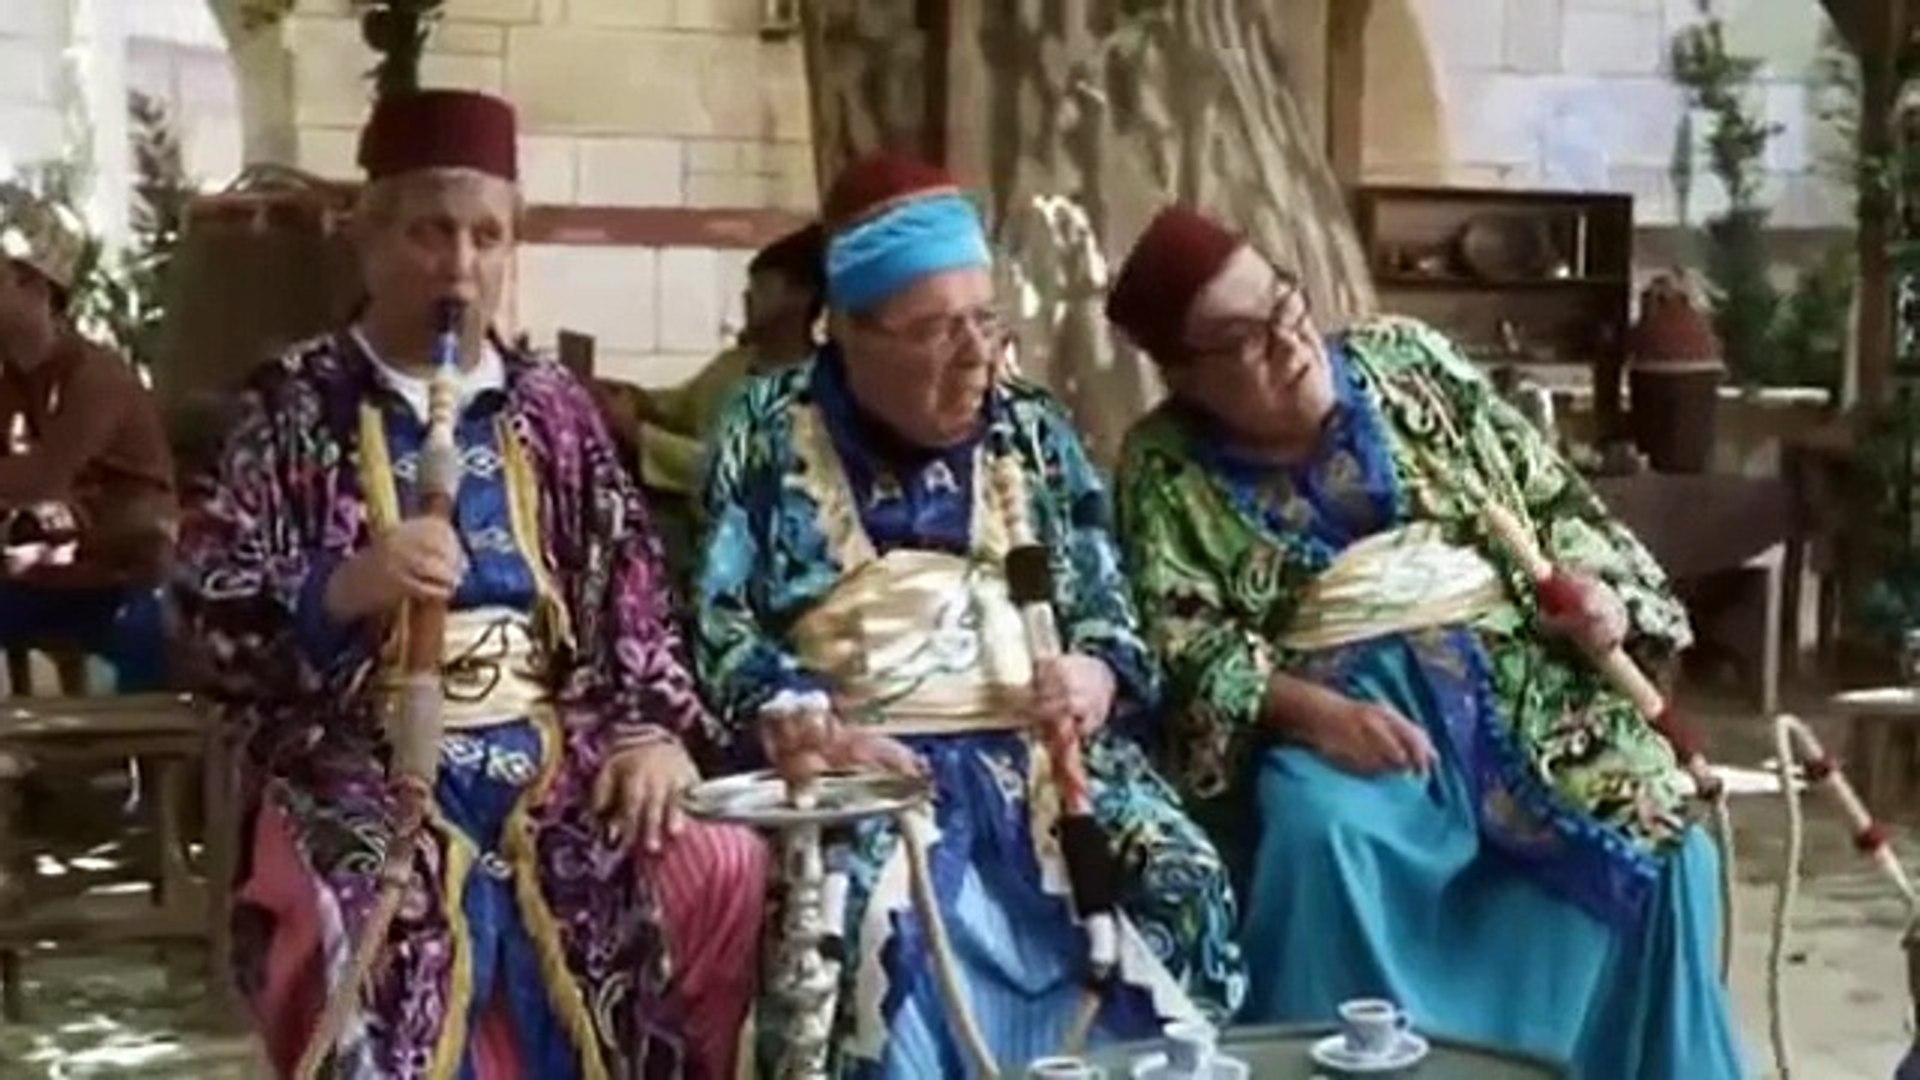 7 Kocalı Hürmüz - Yerli Film Hd izle (Yerli Sinema Filmleri - Türkçe Dublaj ve 2016 Restorasyonlu Es